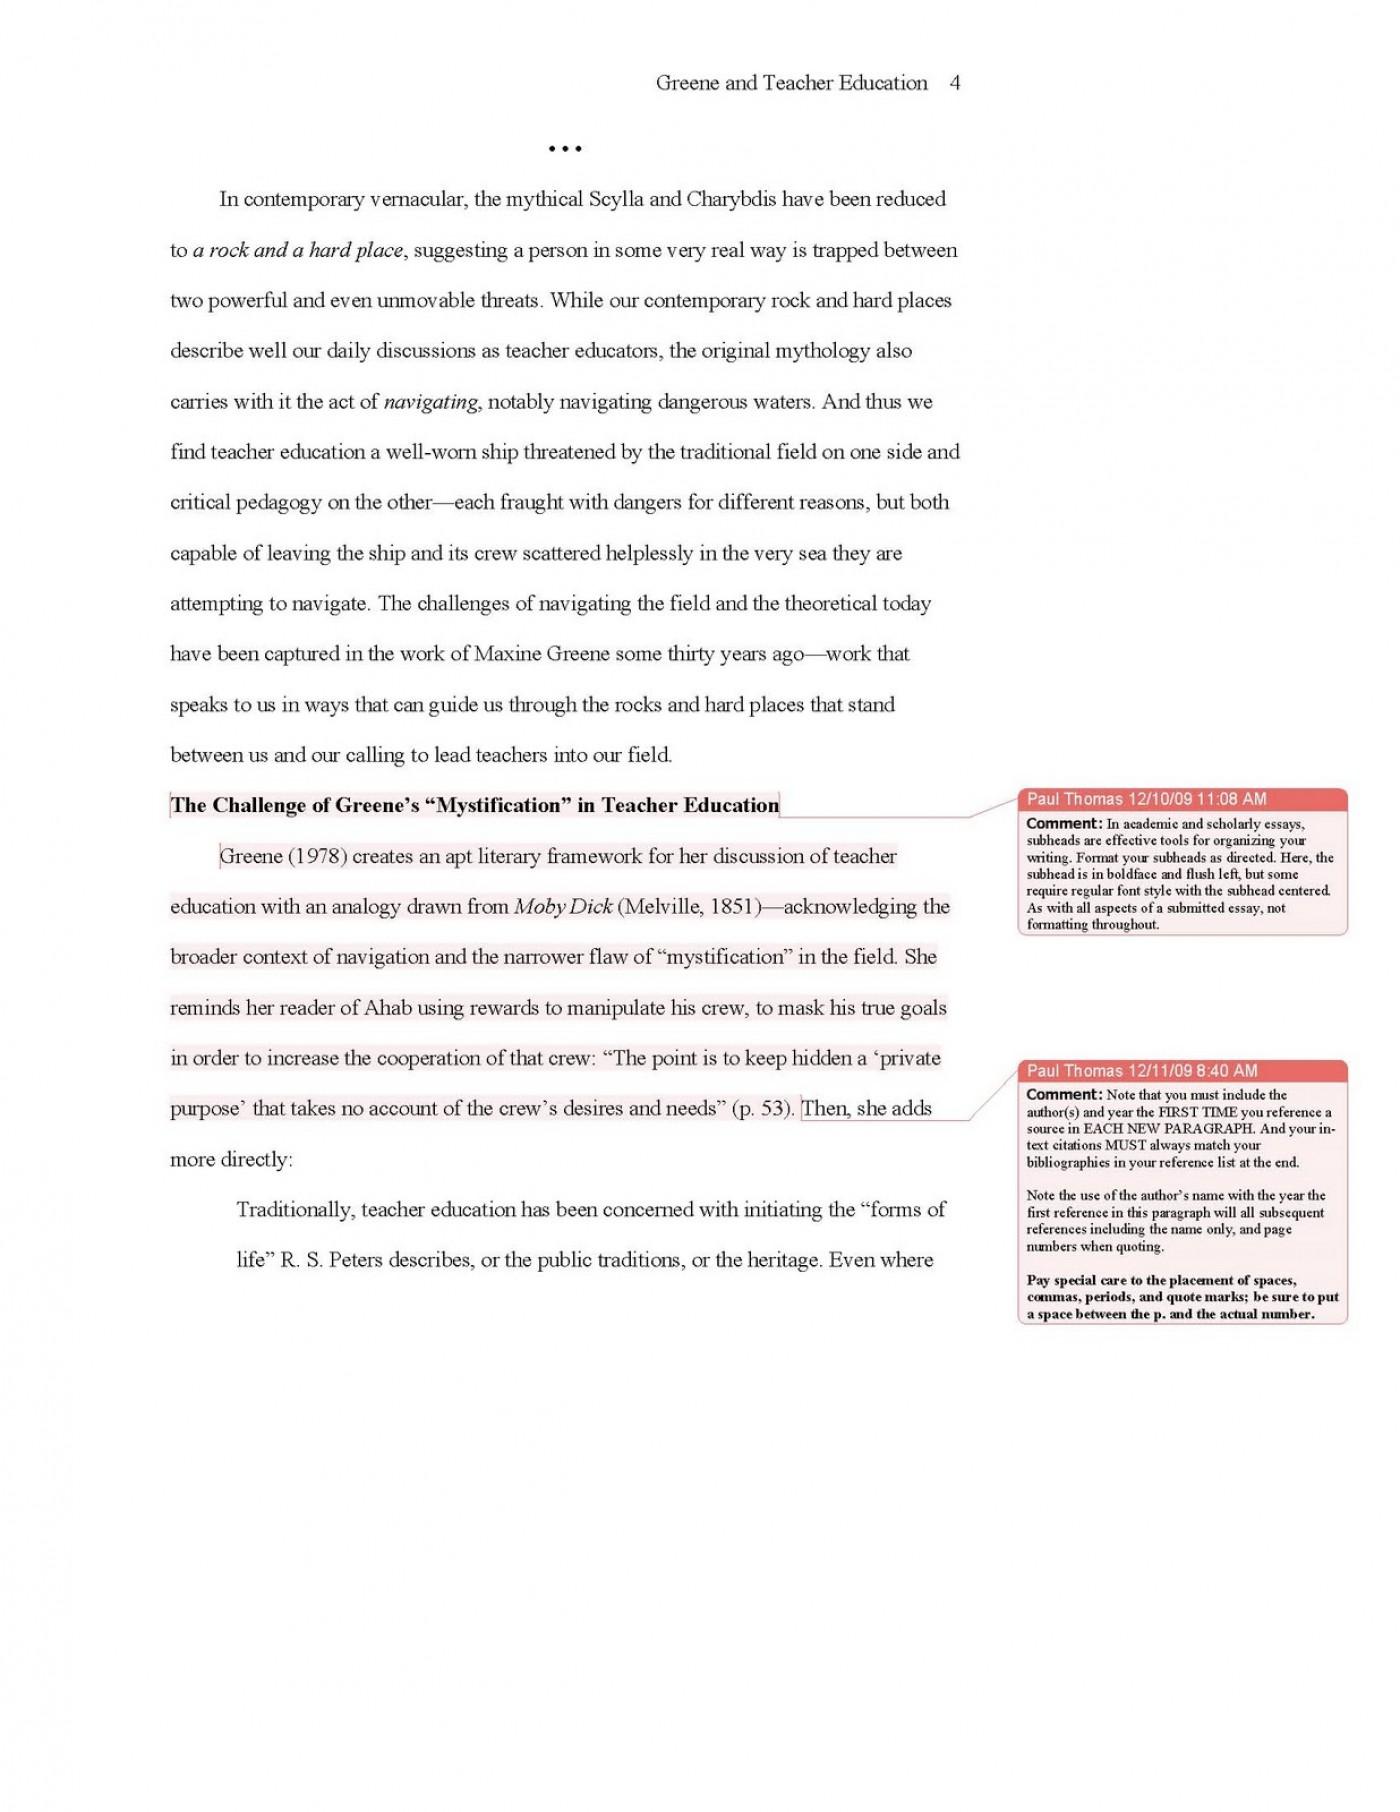 Dissertation mla style guide essayer deutsch